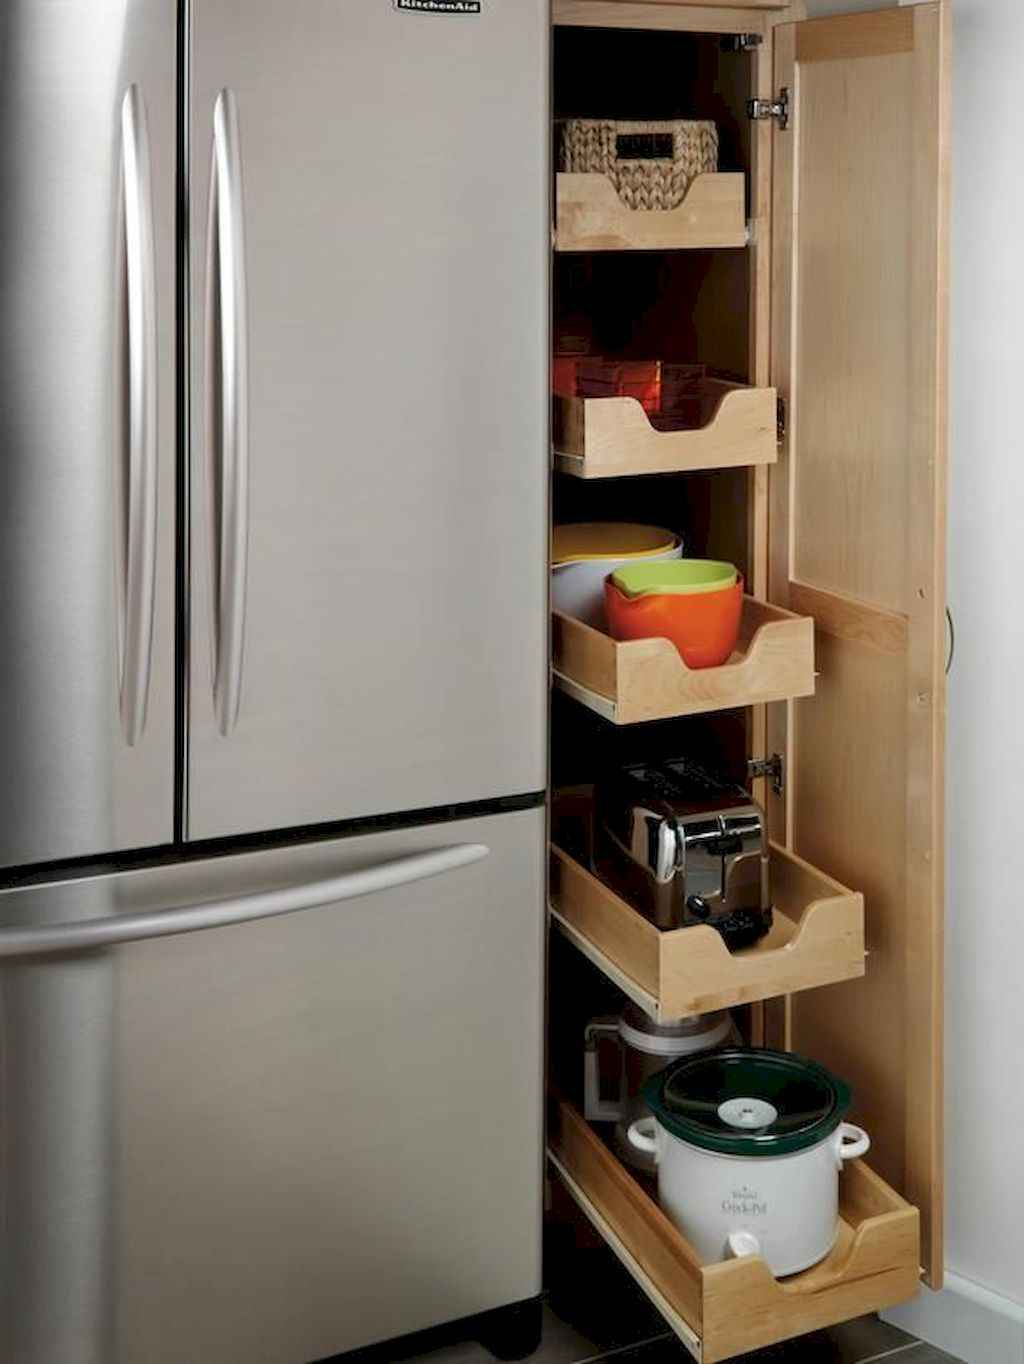 Ingenious hidden kitchen cabinet & storage solutions (49)